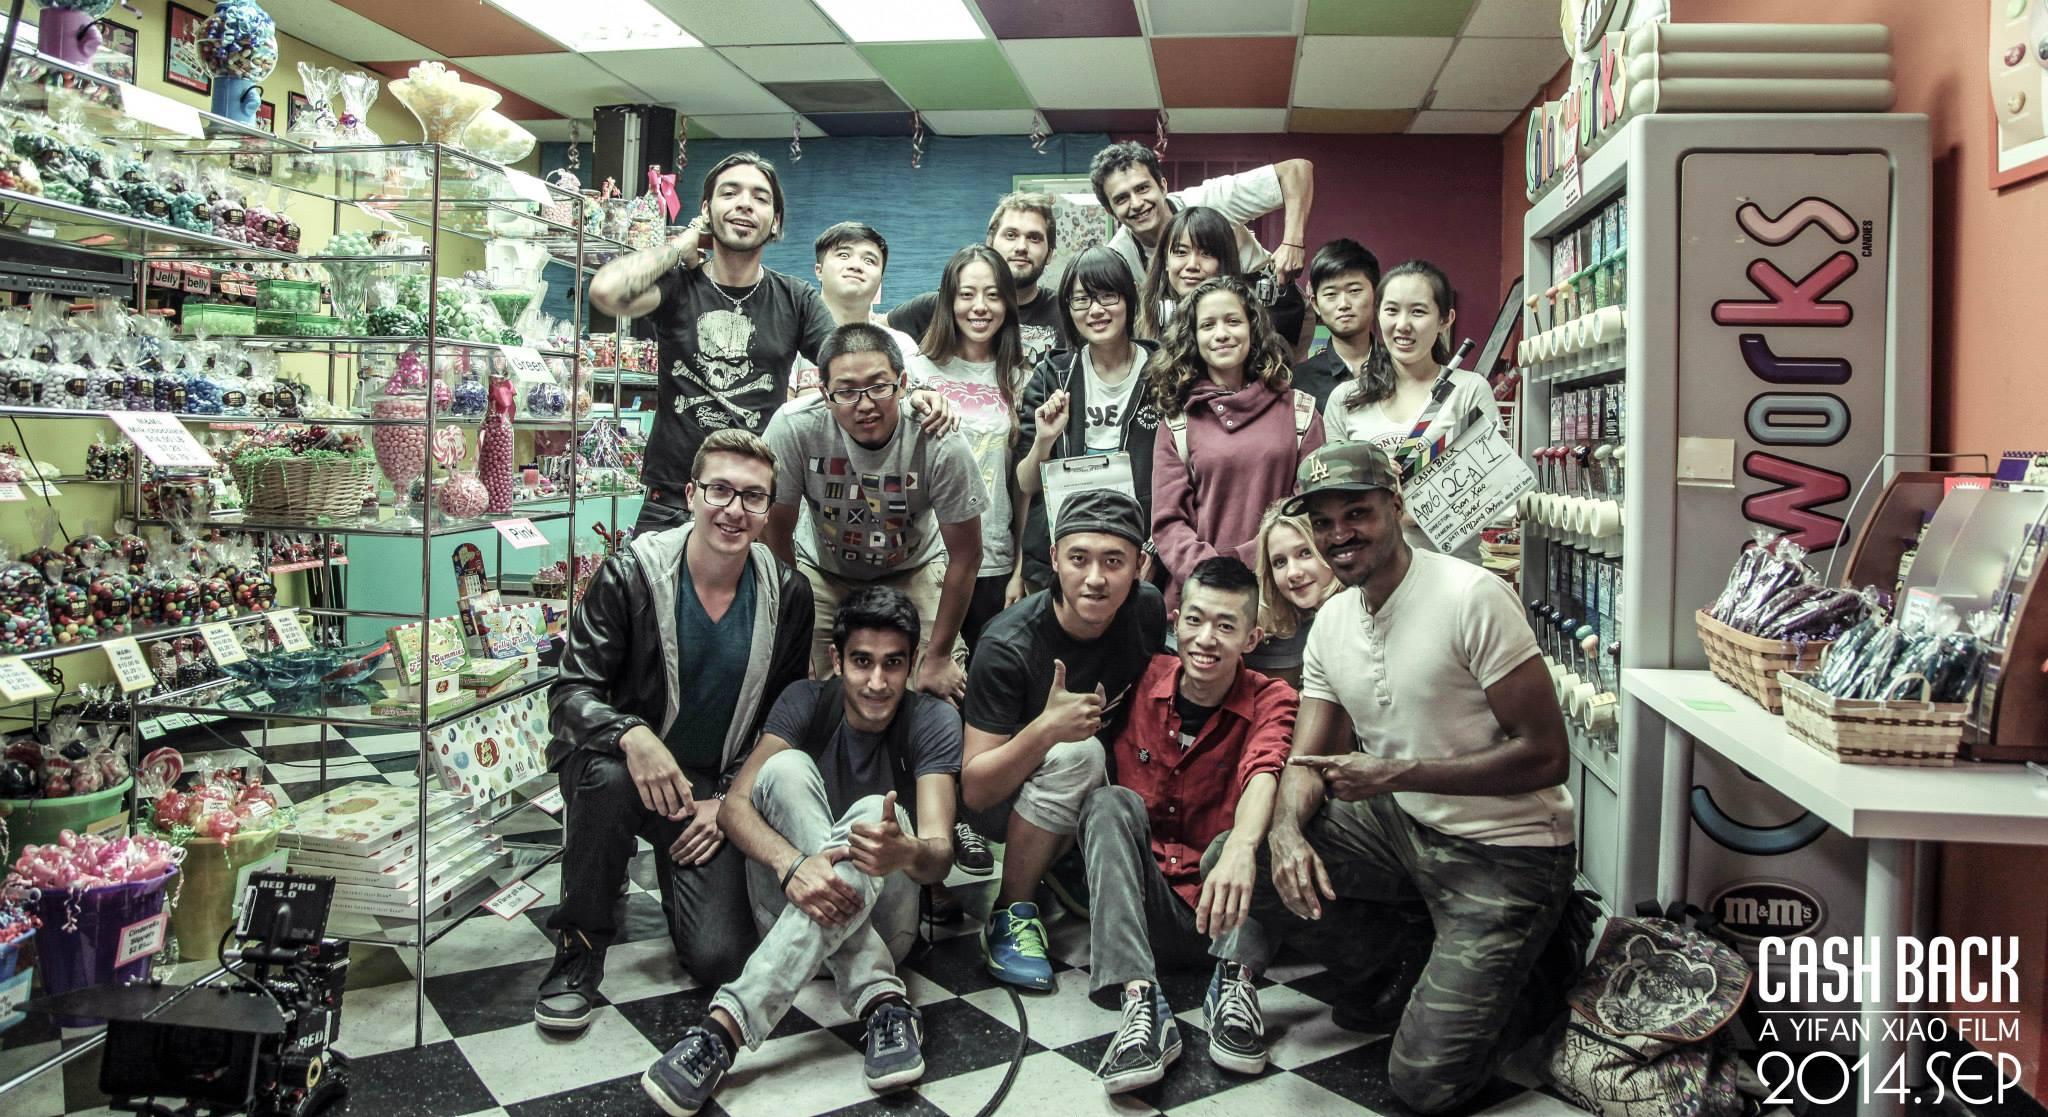 Cash Back cast & crew